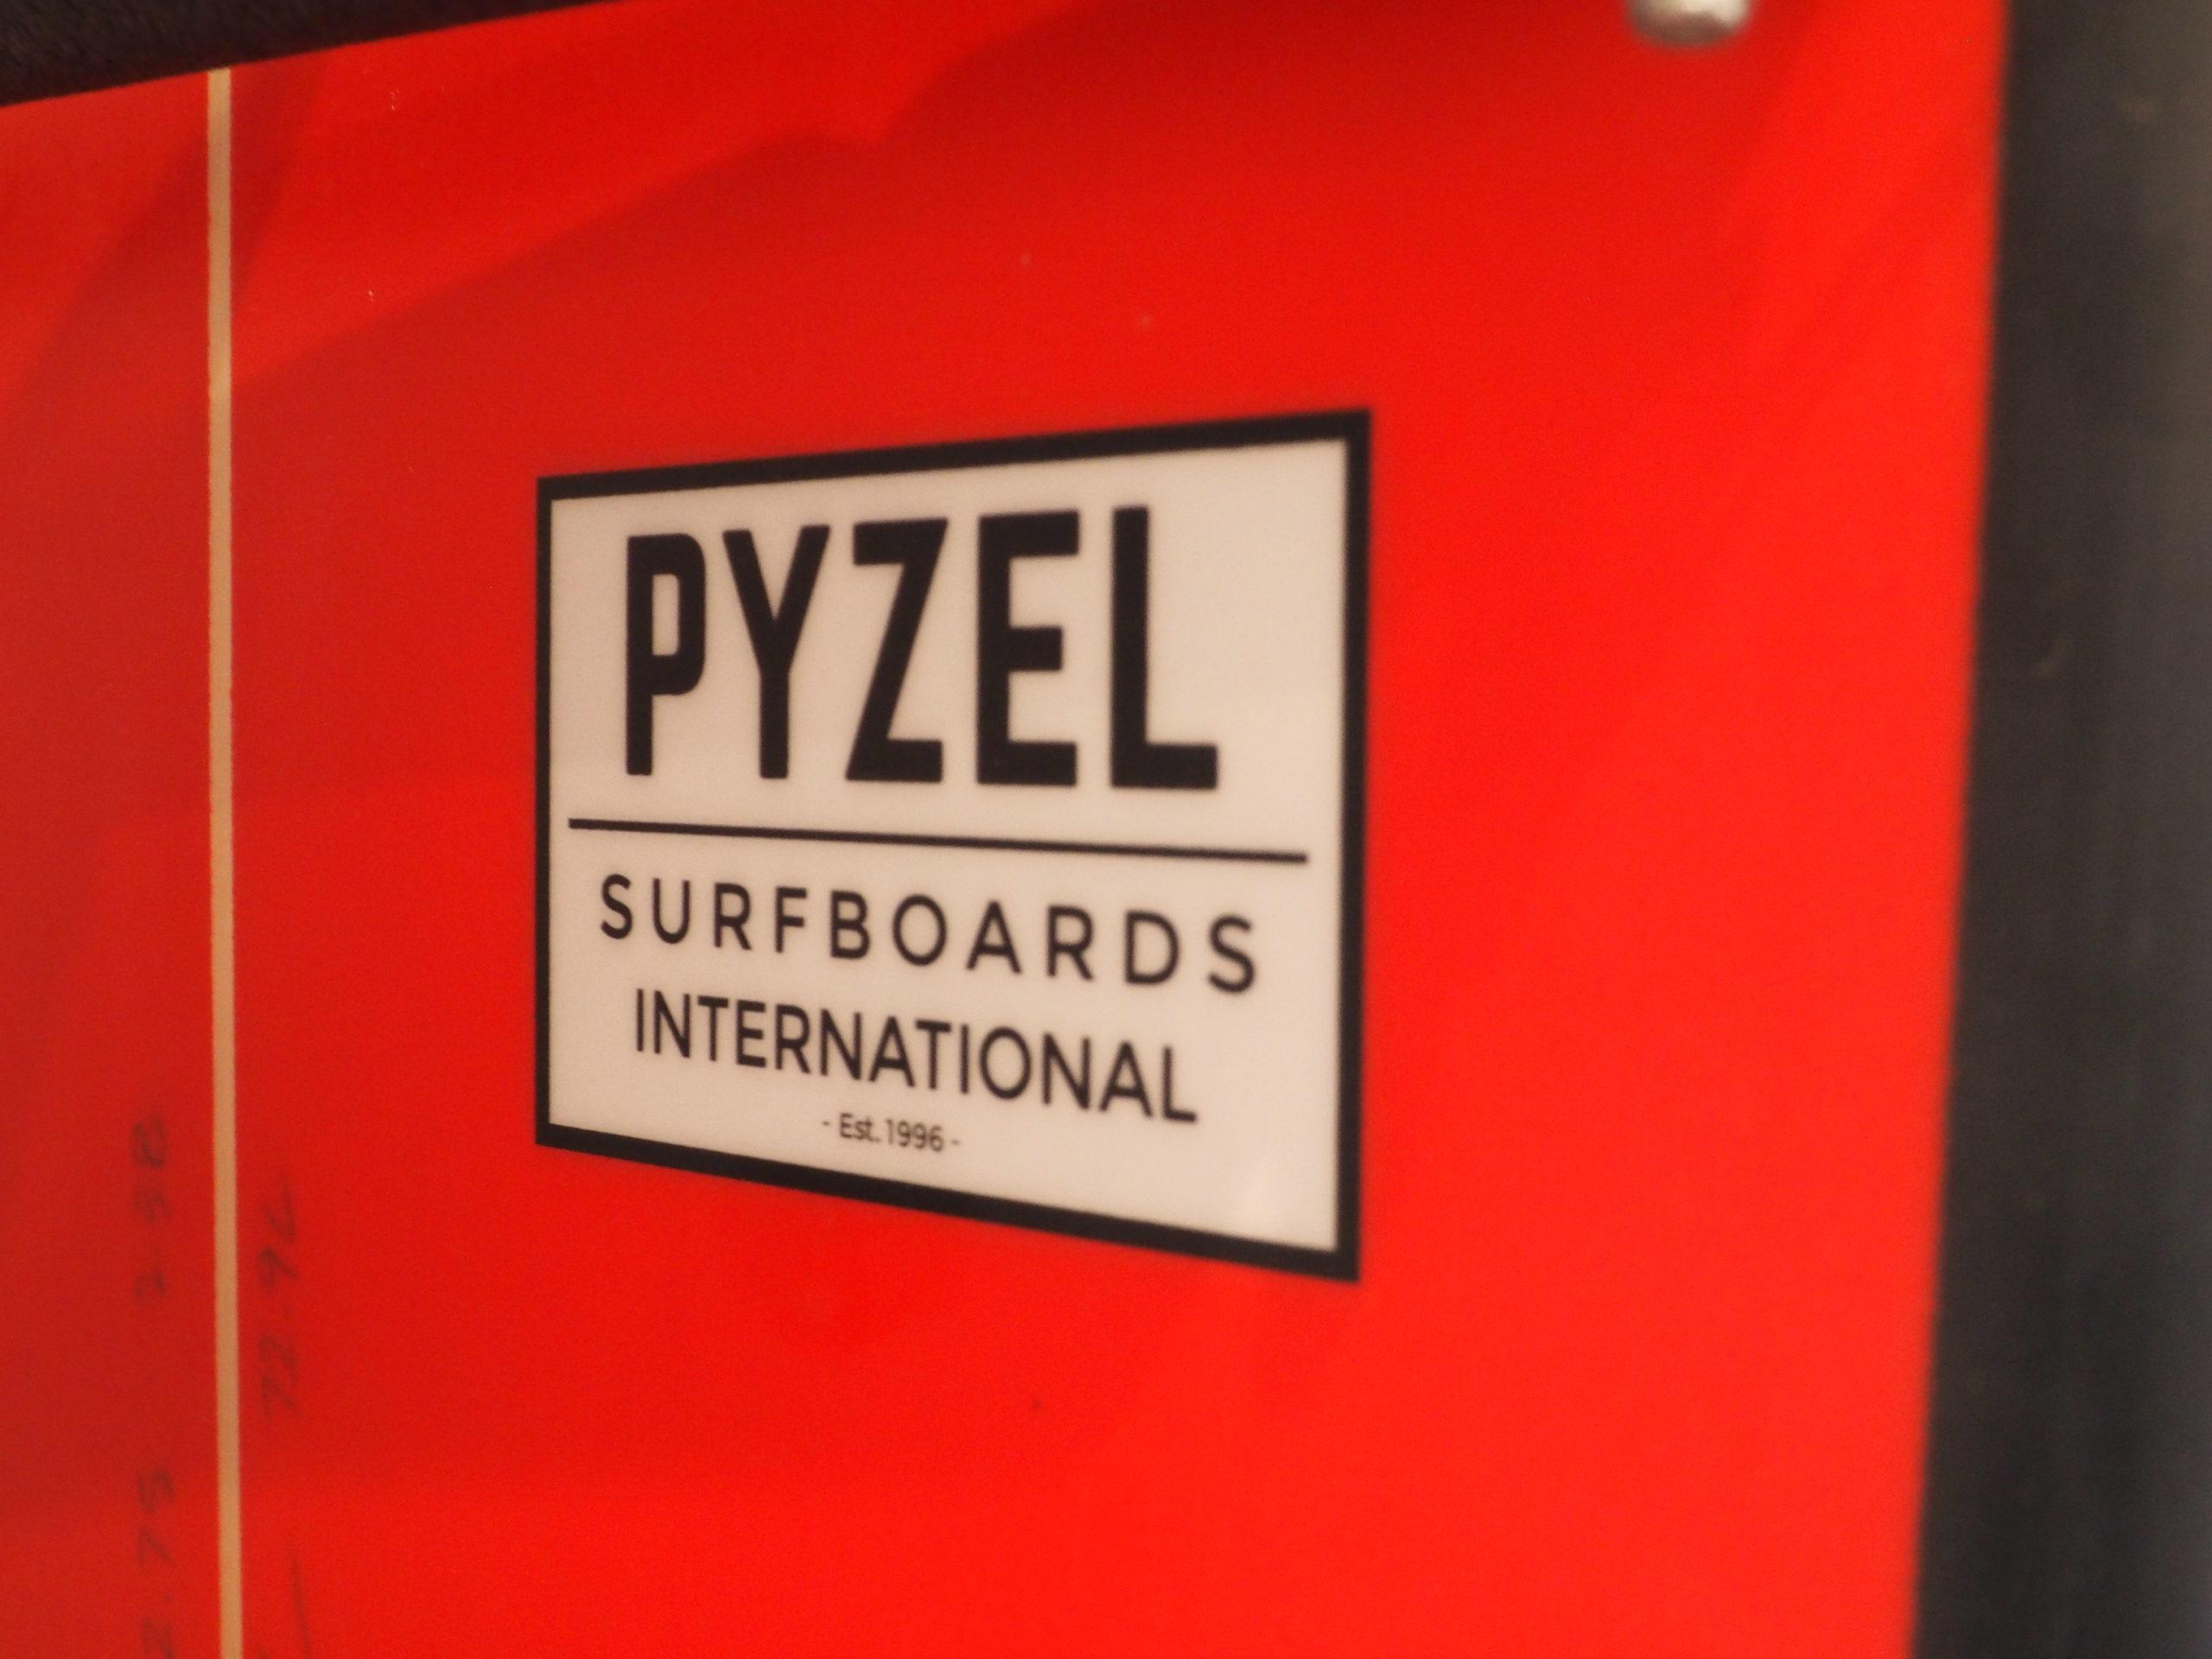 PYZEL SURFBOARDS JAPAN 代表<br>冨田尚治氏インタビュー<br><i><font color=